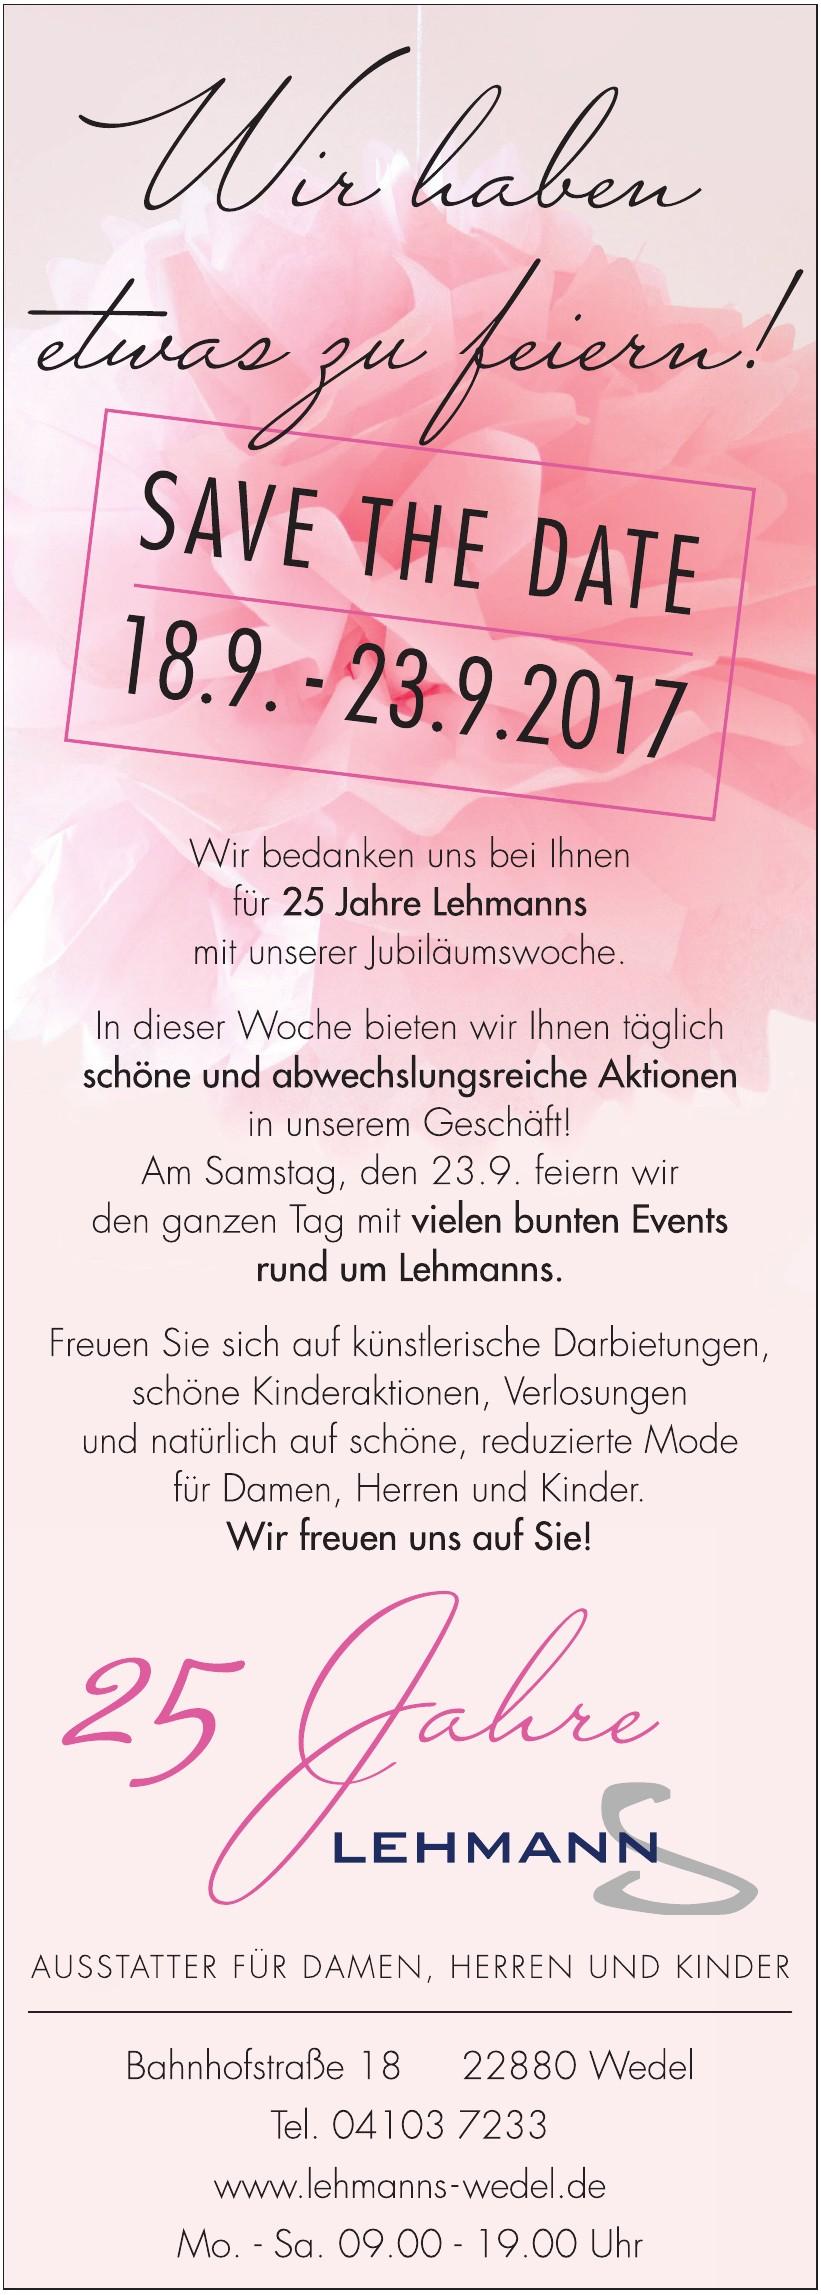 25 Jahre Lehmanns